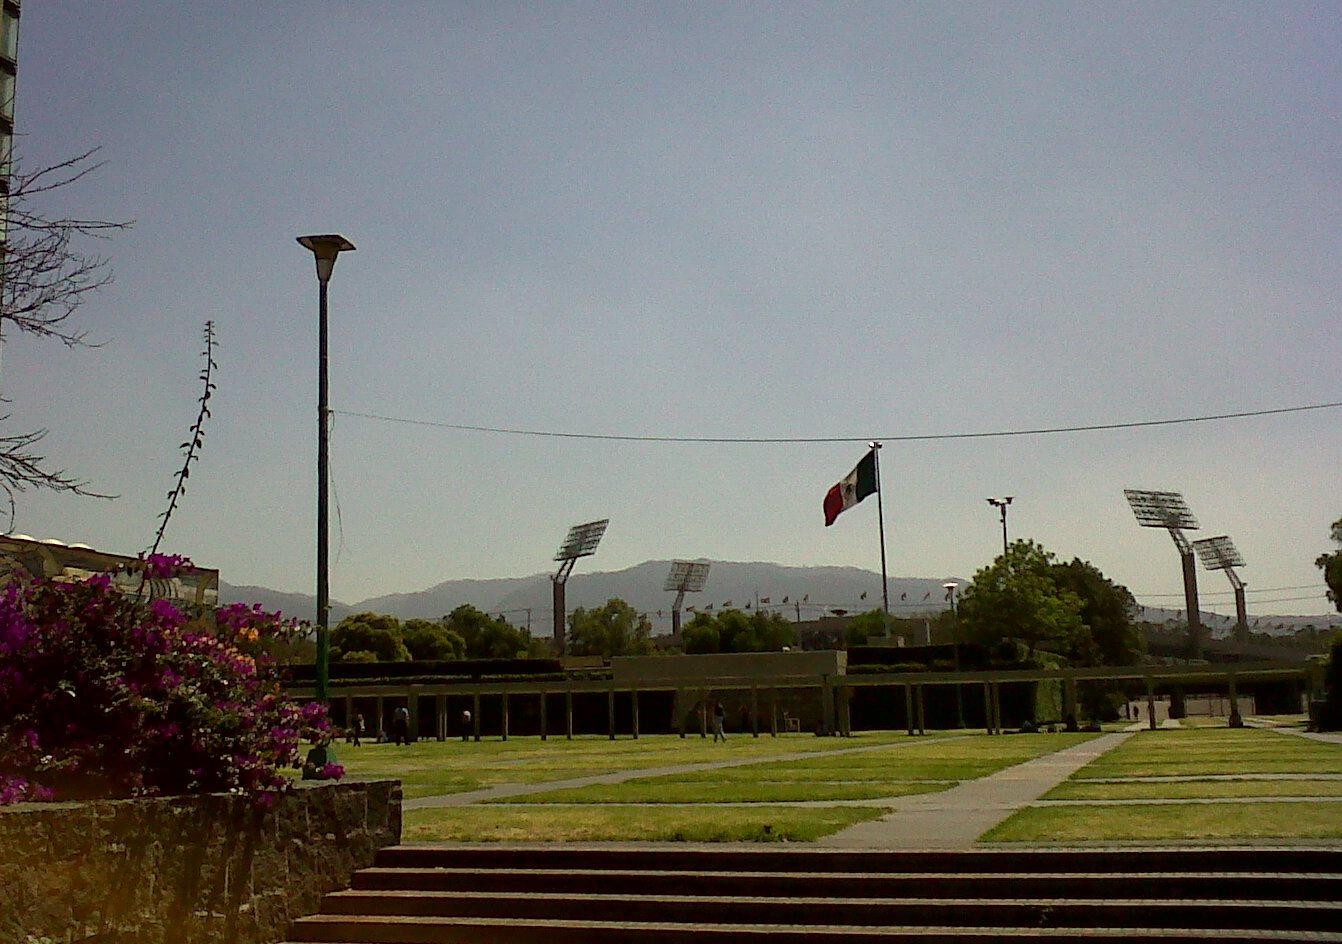 Vista de la Ciudad Universitaria, lugar del atentado. Foto del autor, J. Tade (mayo 2012).